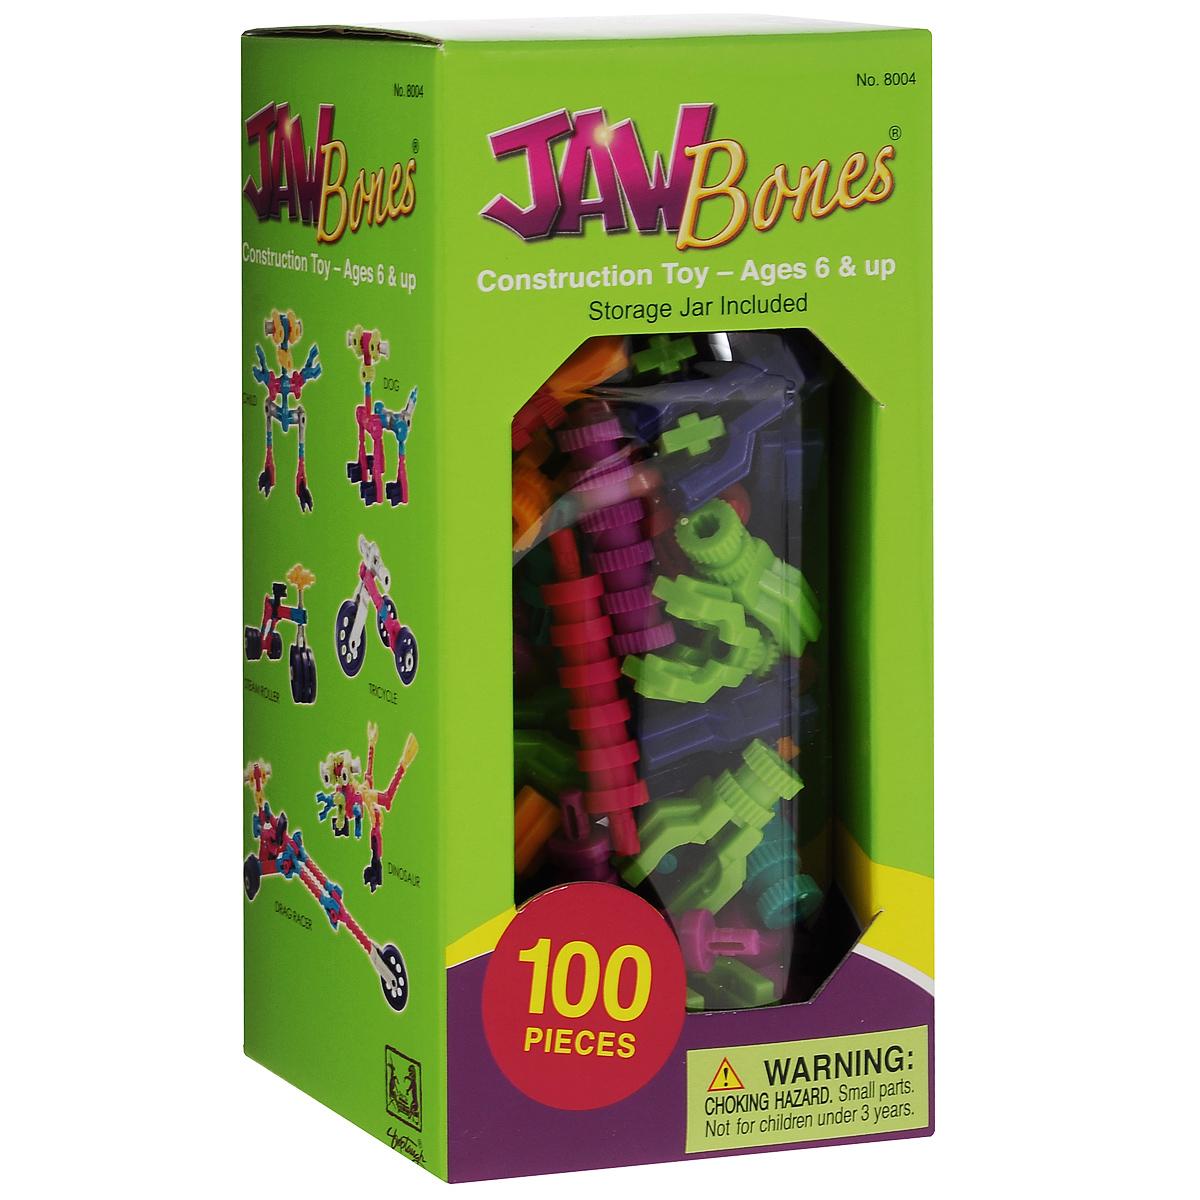 Jawbones Конструктор 80048004Новый развивающий конструктор Jawbones непременно понравится вашему ребенку! При помощи красочных деталей, с уникальным креплением, можно собрать практически любую конструкцию или предмет в оригинальном и неповторимом стиле. Конструктор состоит из 100 элементов разного размера, цвета и назначения. В комплекте удобная банка для хранения деталей, и инструкция по сборке различных моделей. Ваш ребенок с удовольствием будет играть с конструктором, придумывая различные истории.